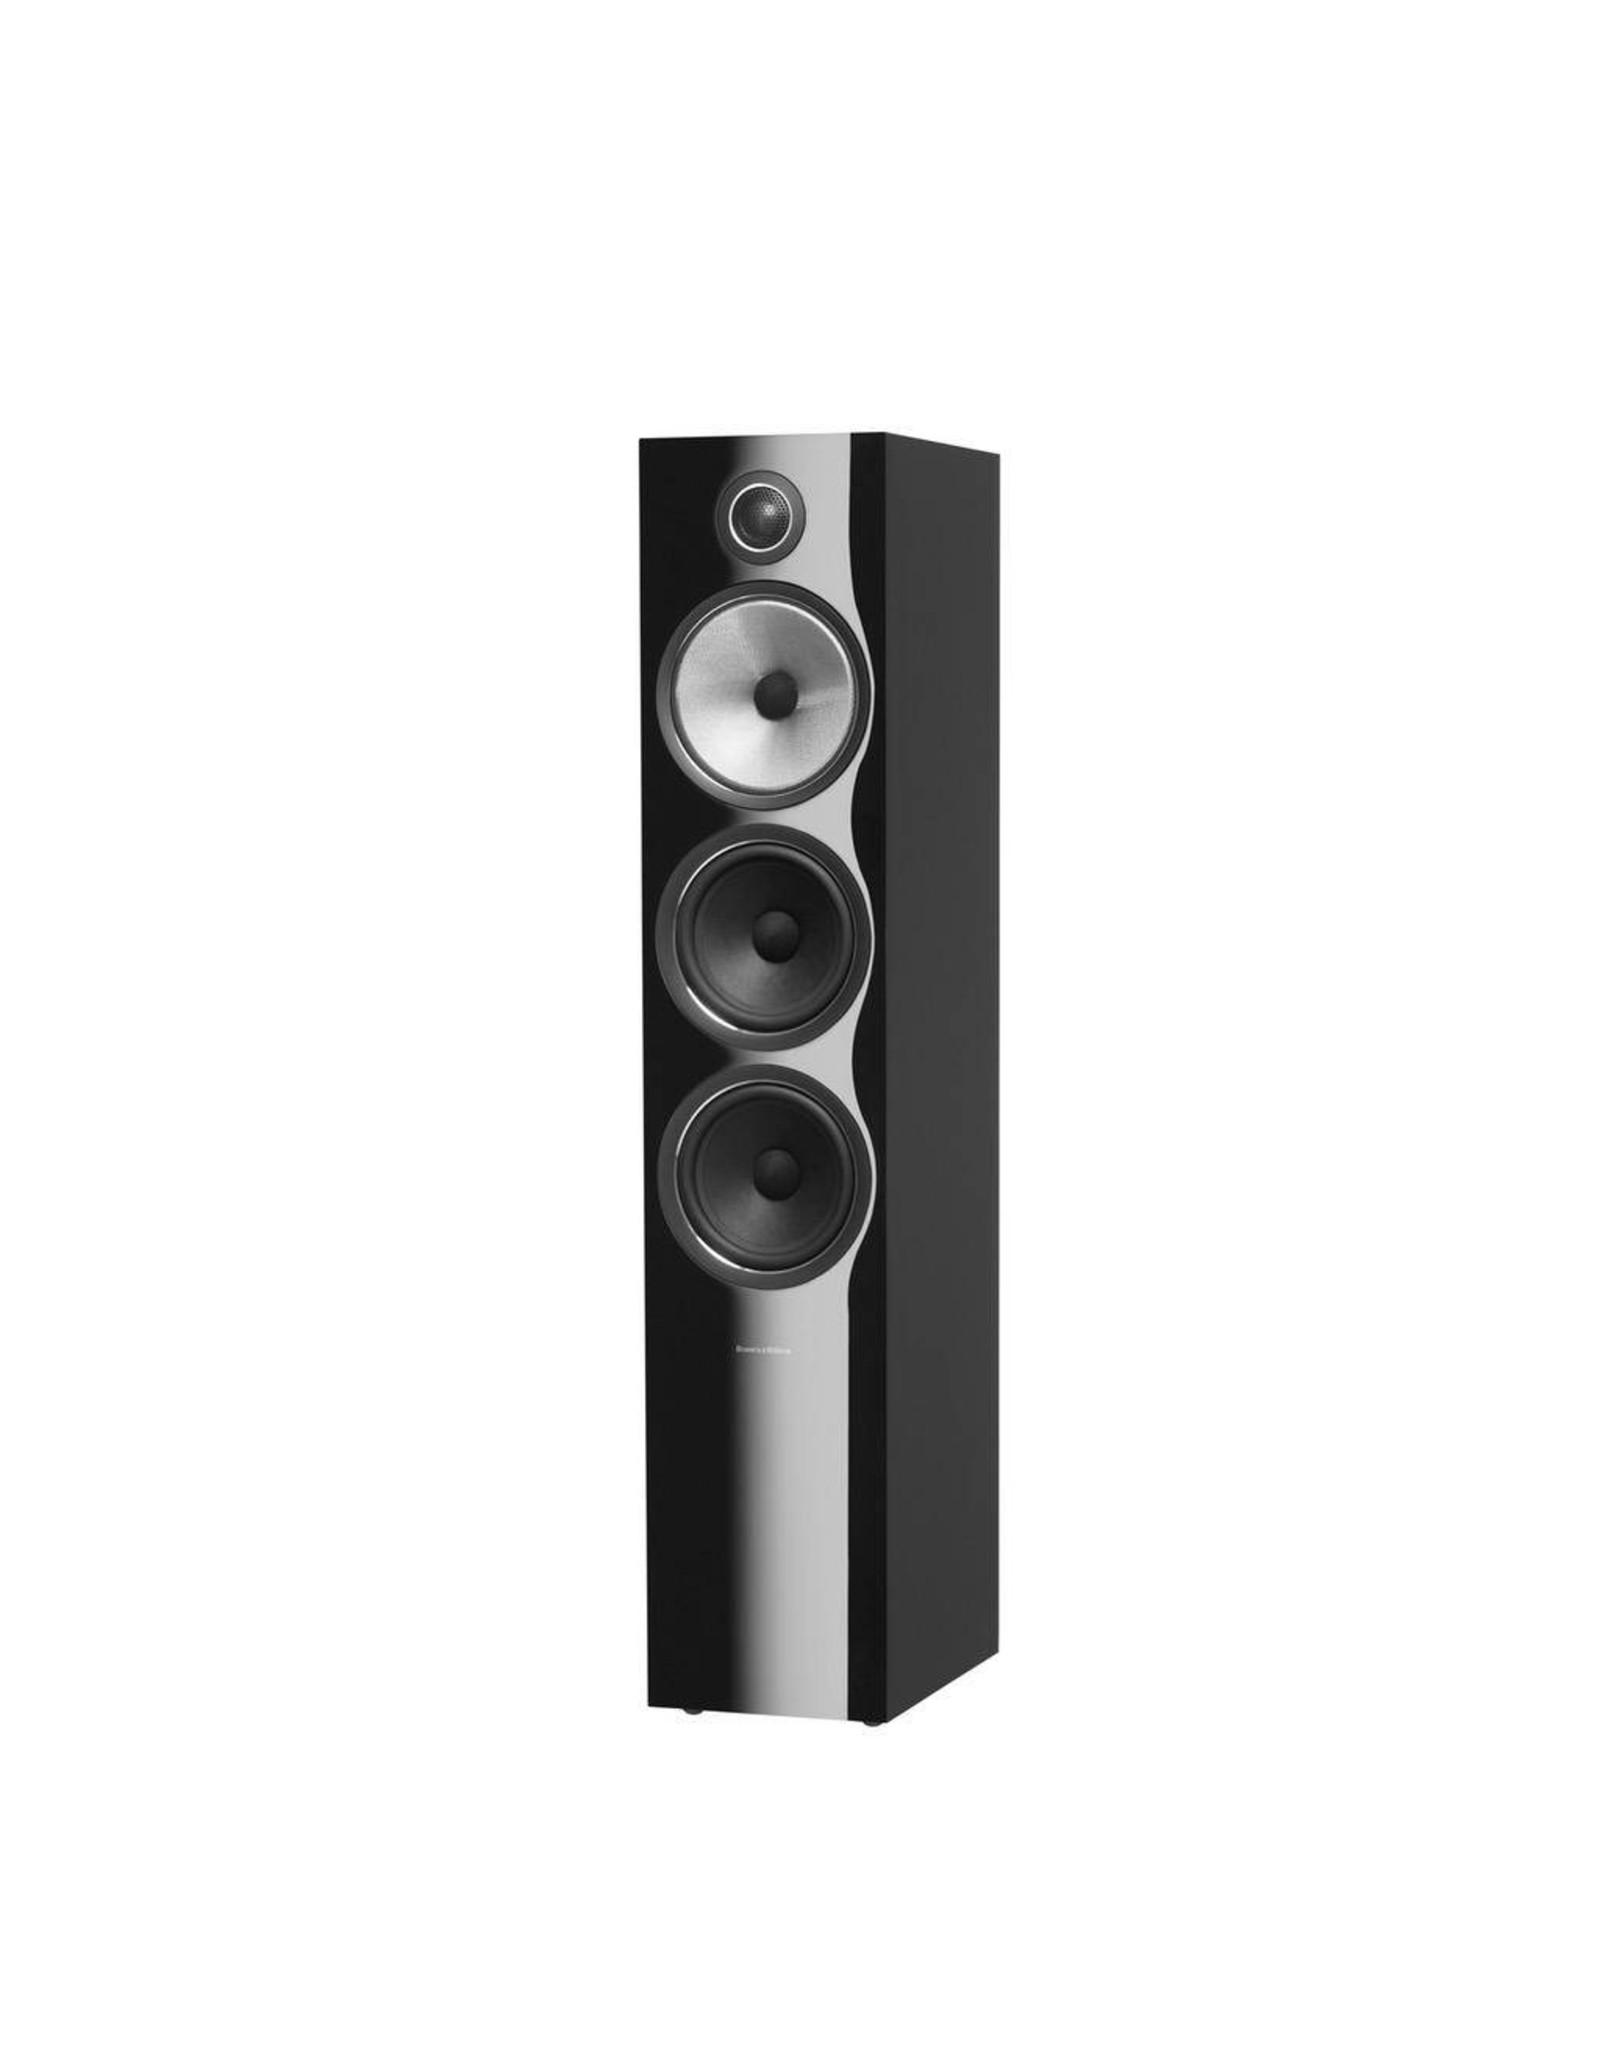 BOWERS & WILKINS B&W 703 S2 3-Way Floor Standing Speakers (pair)